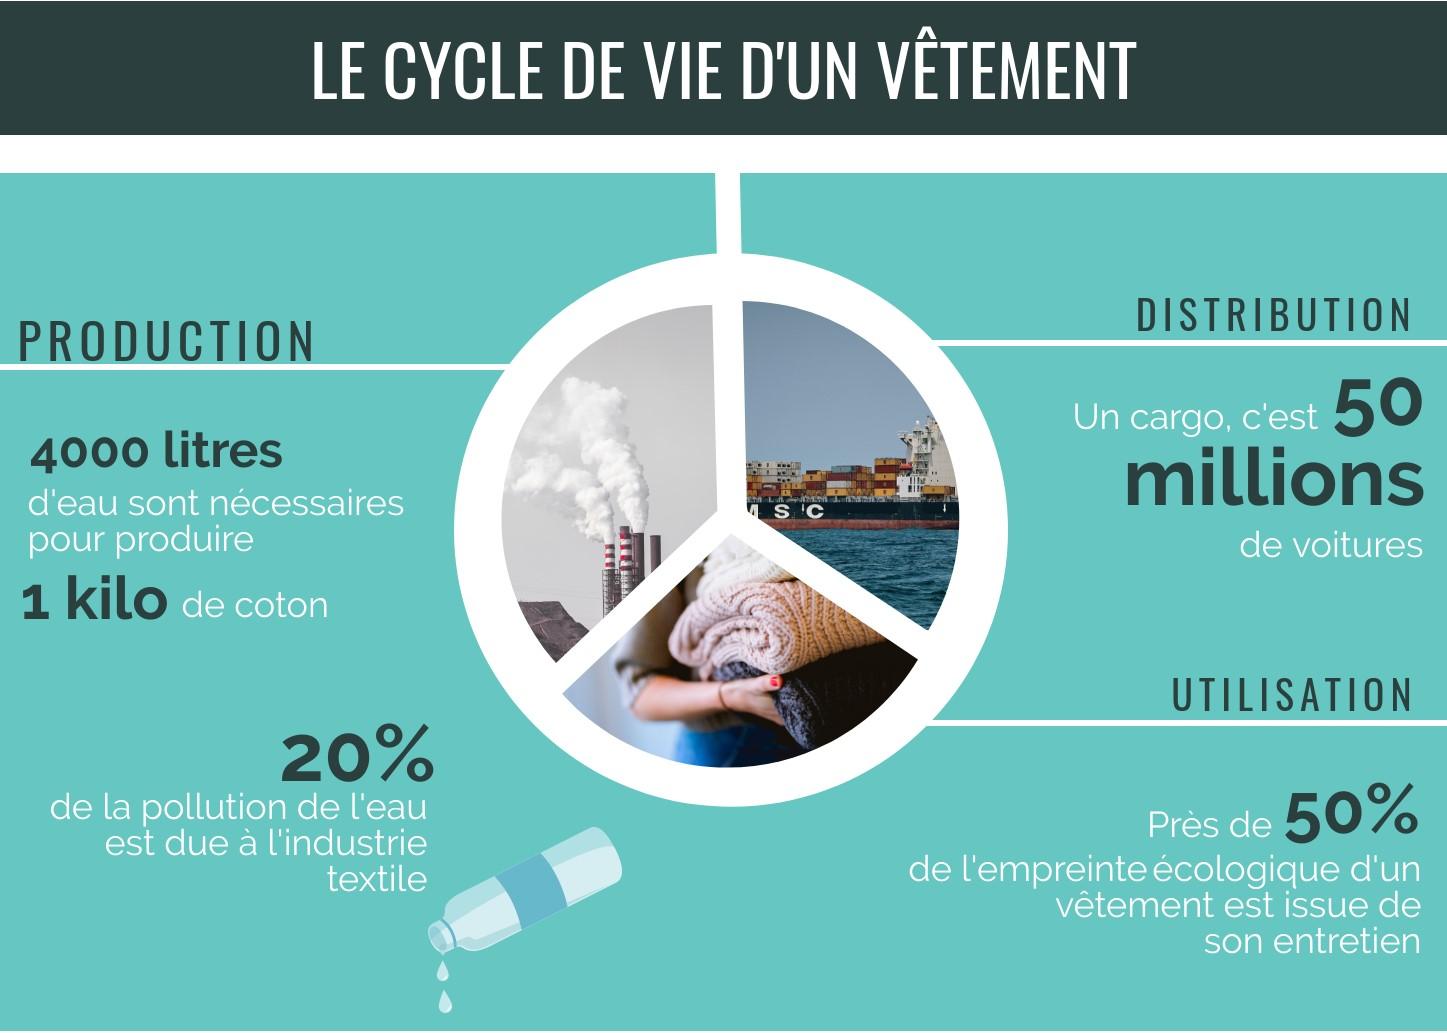 Le cycle de vie d'un vêtement